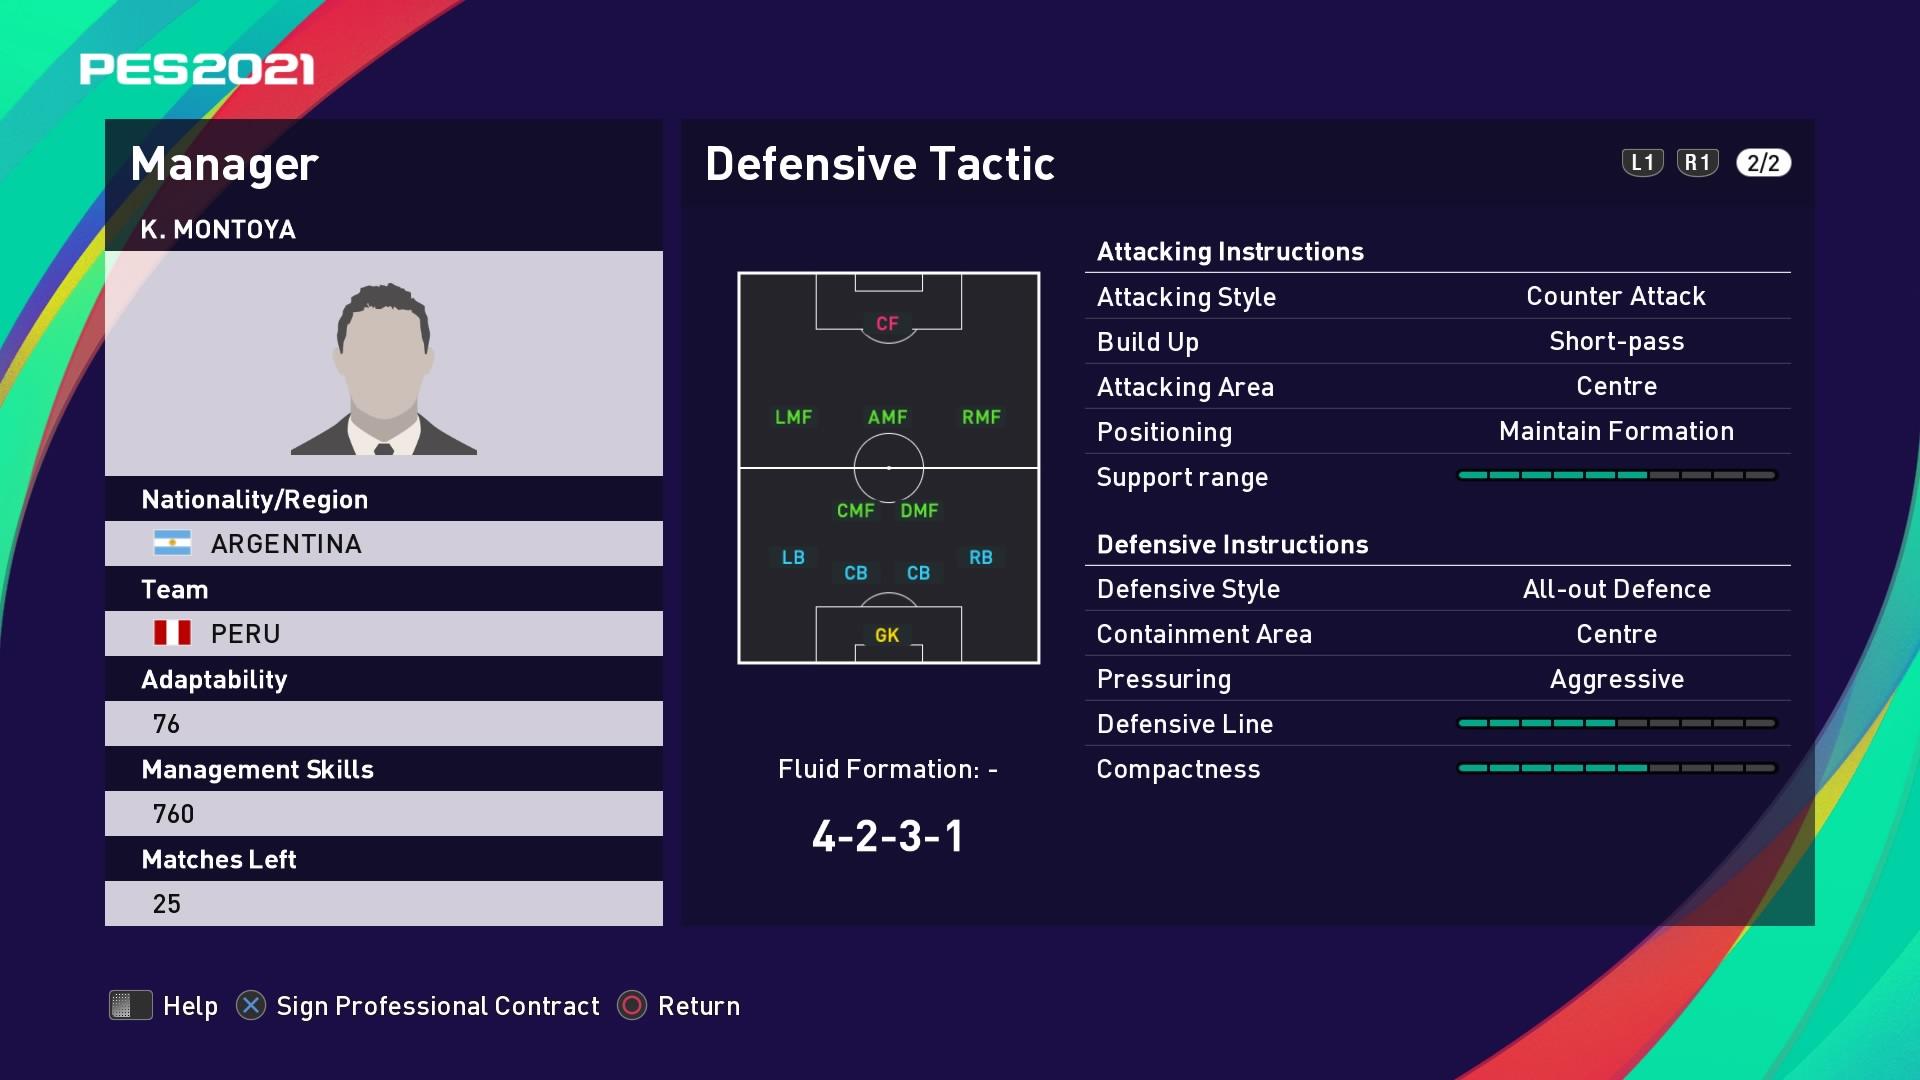 K. Montoya (Ricardo Gareca) Defensive Tactic in PES 2021 myClub